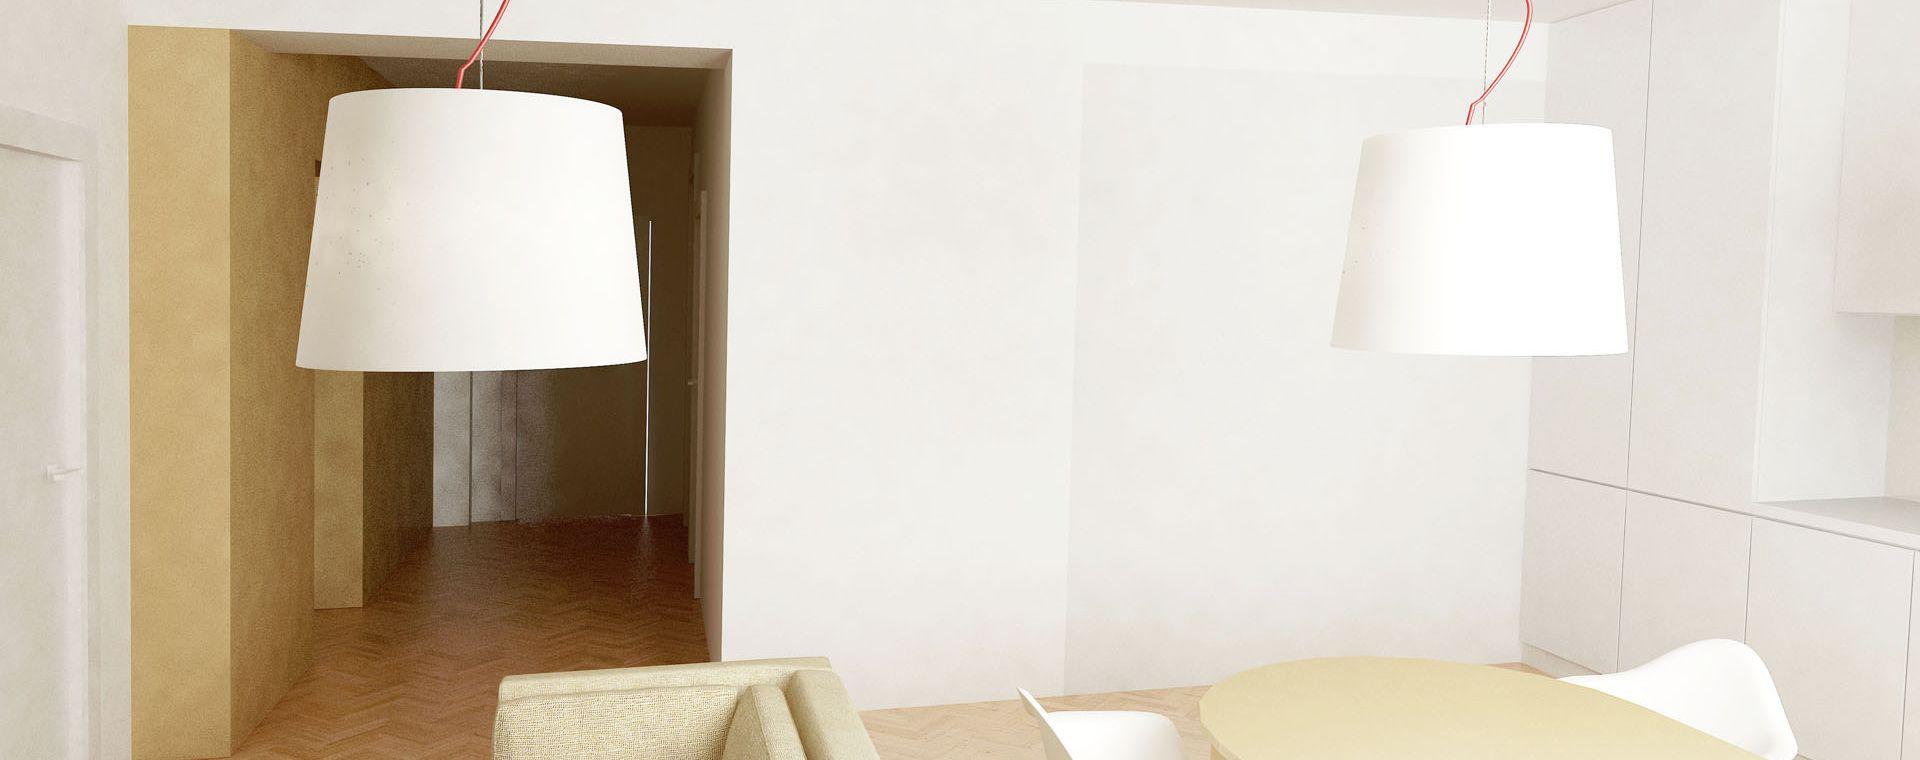 Reconstruction of two bed apartment and the attic, Veselská, Žďár nad Sázavou, 2014, CZ